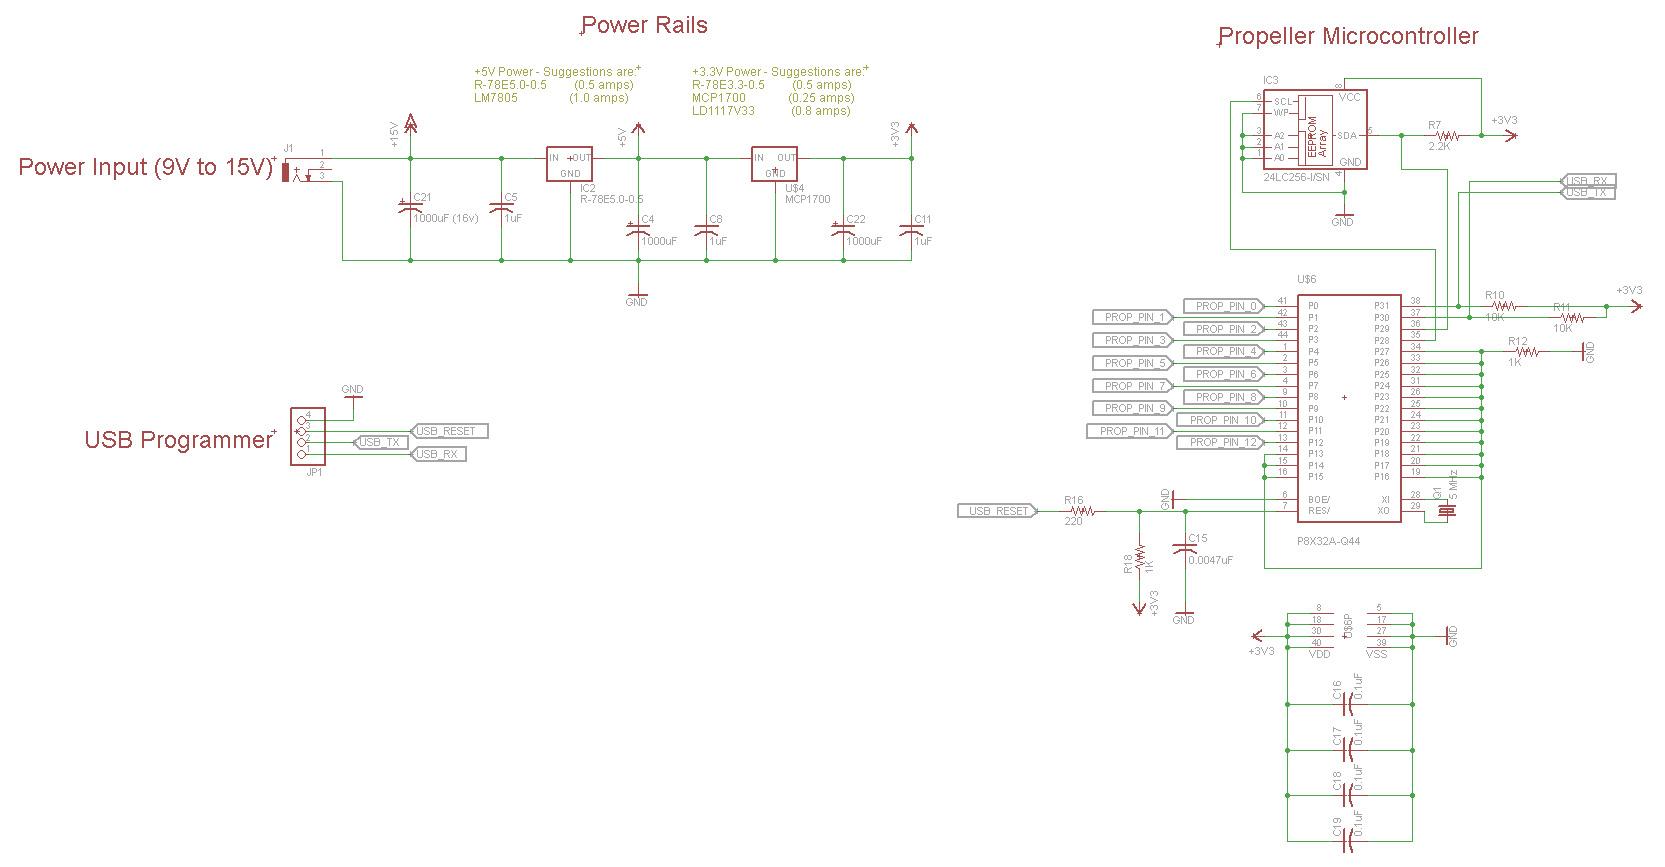 hight resolution of propeller 5v 1 jpg